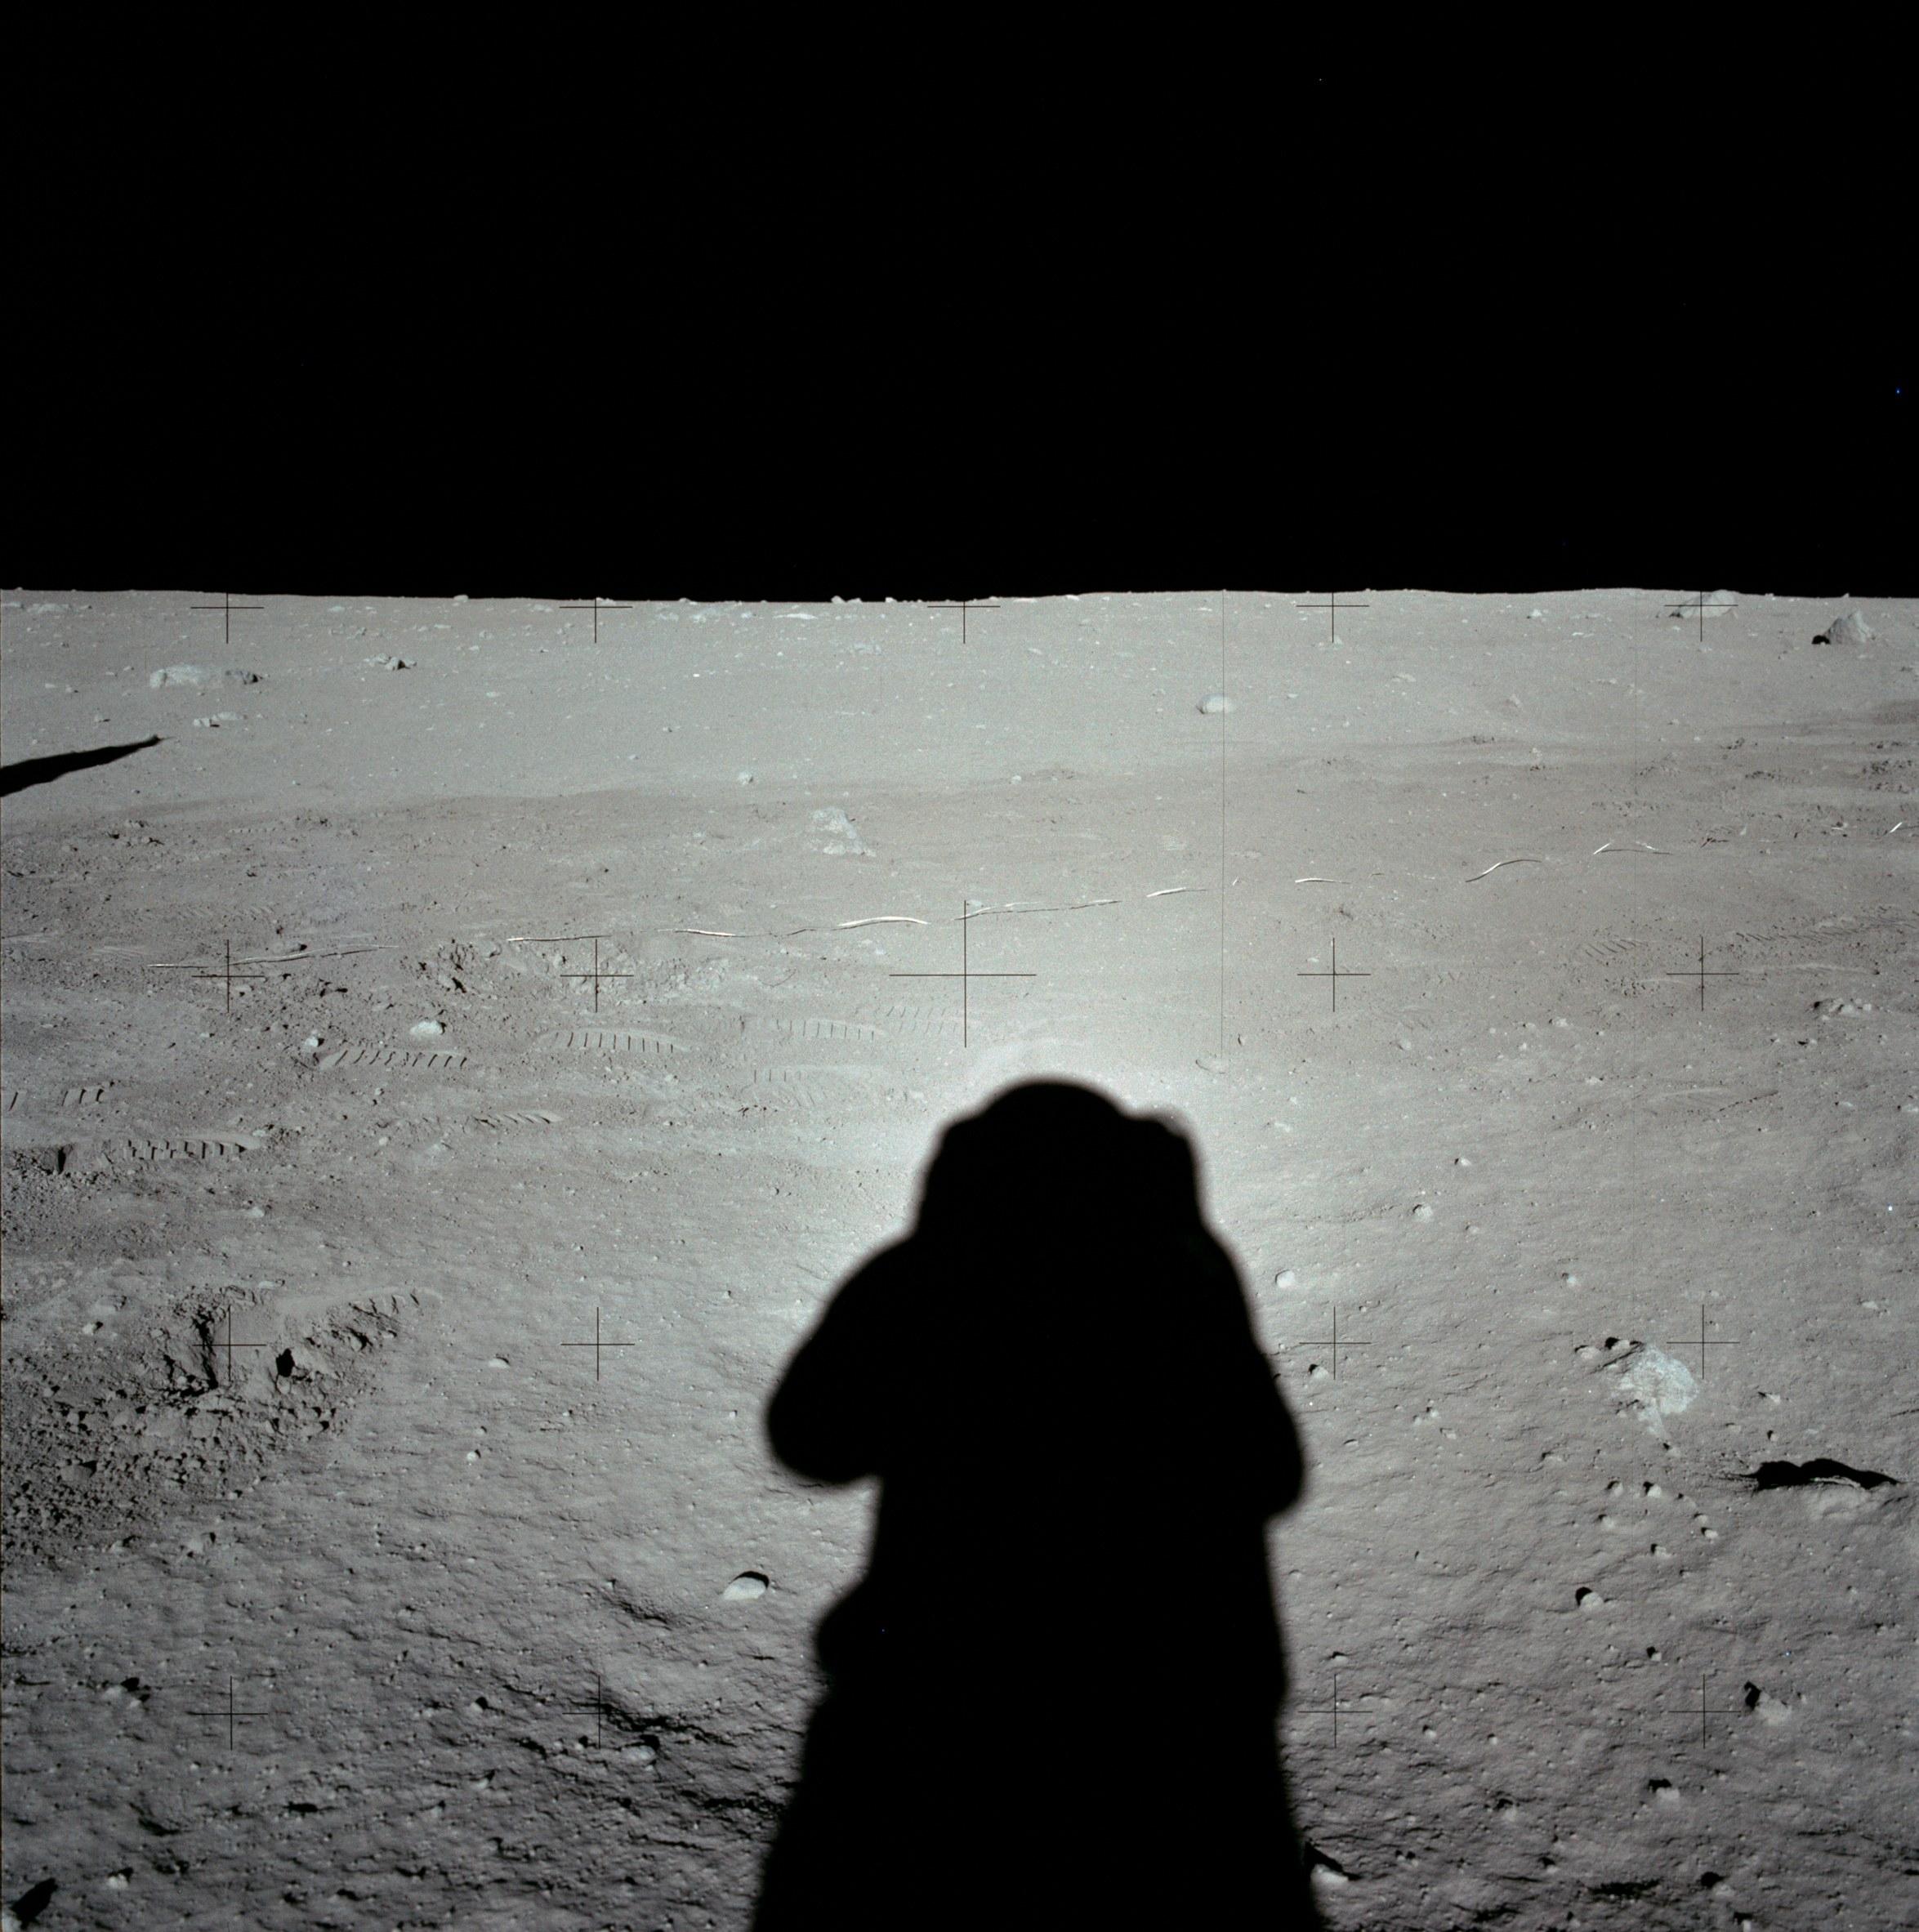 Edgar D. Mitchell photographie Alan B. Shepard Jr. et le module lunaire Apollo 14